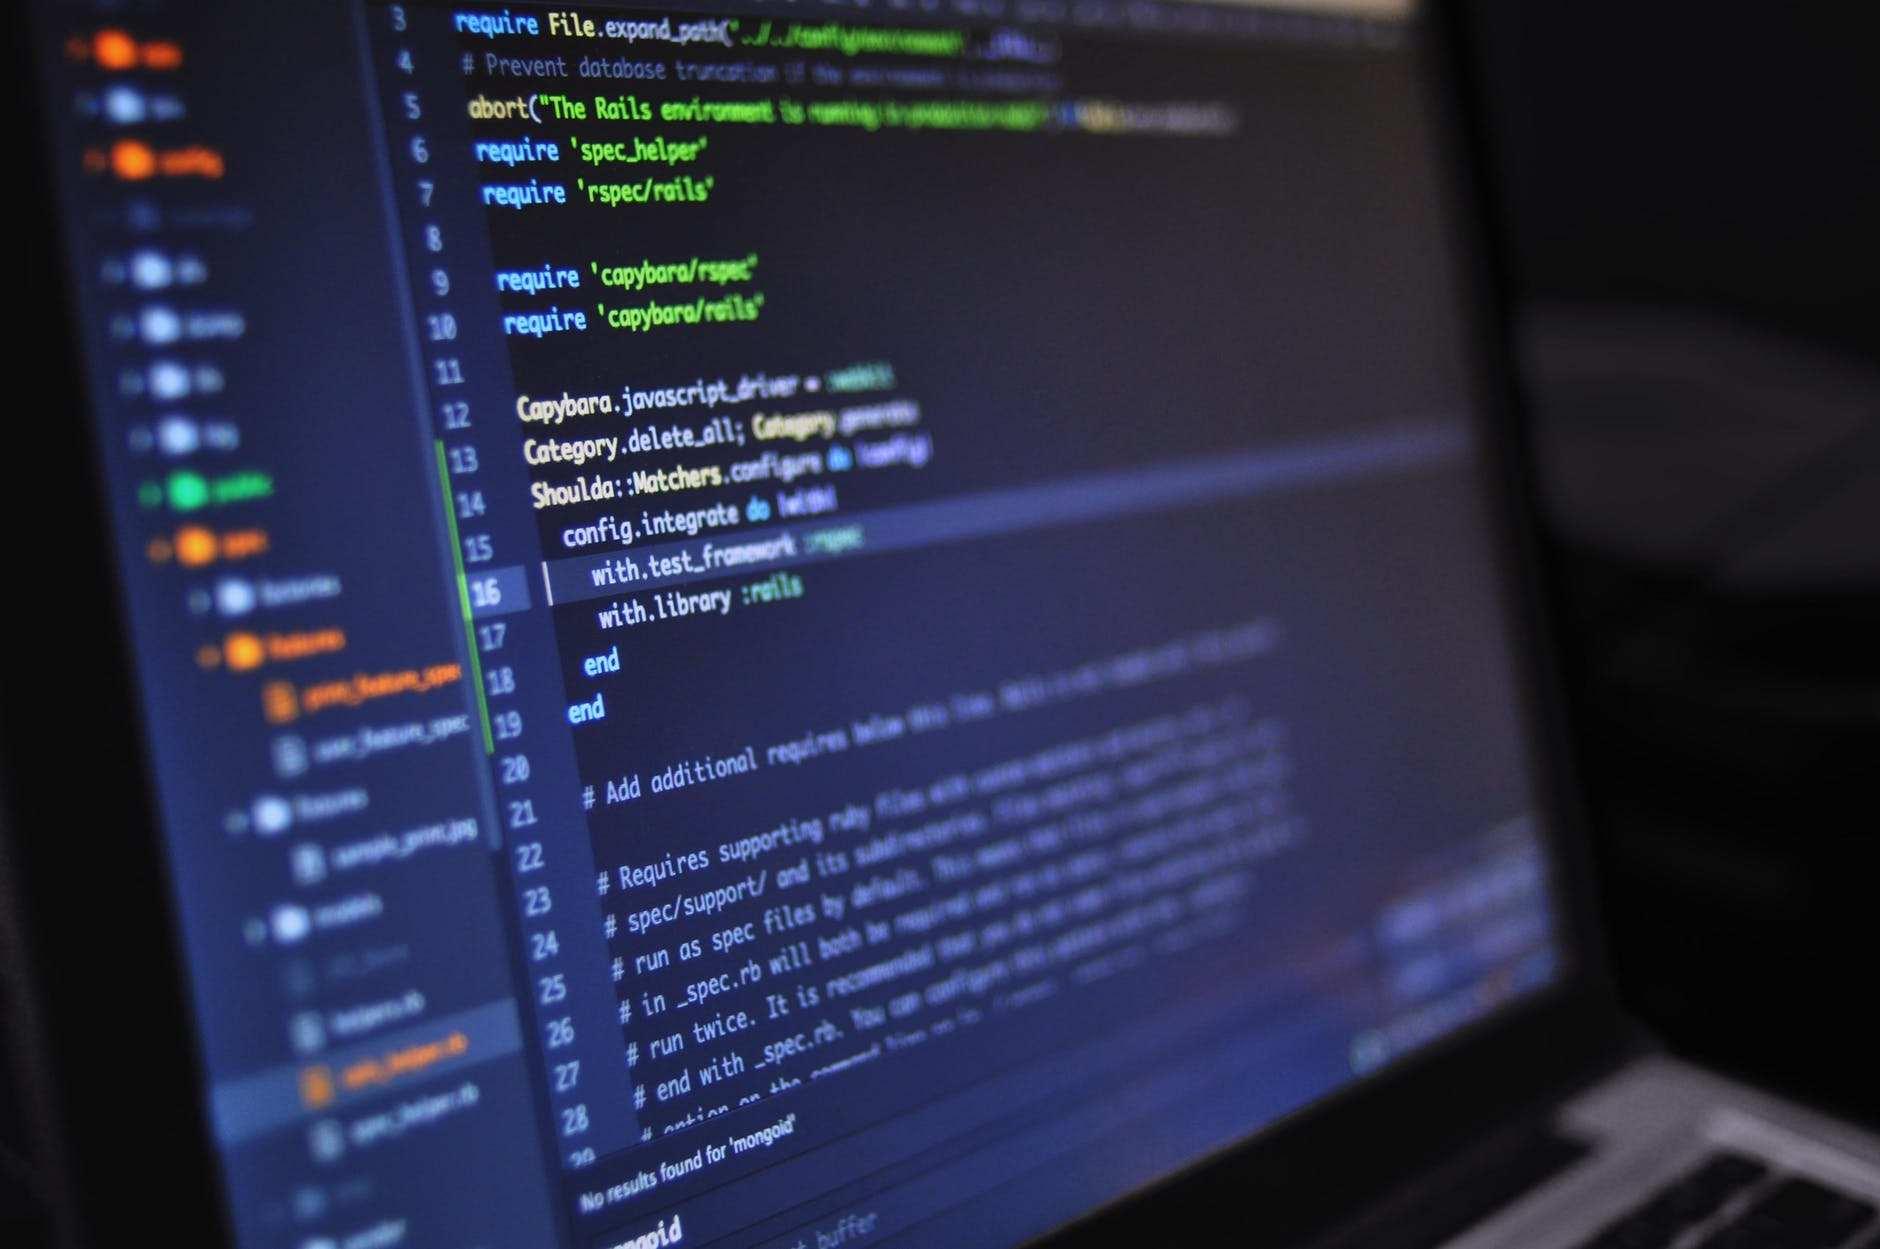 Macam-macam Web Server Localhost yang Dapat Anda Gunakan